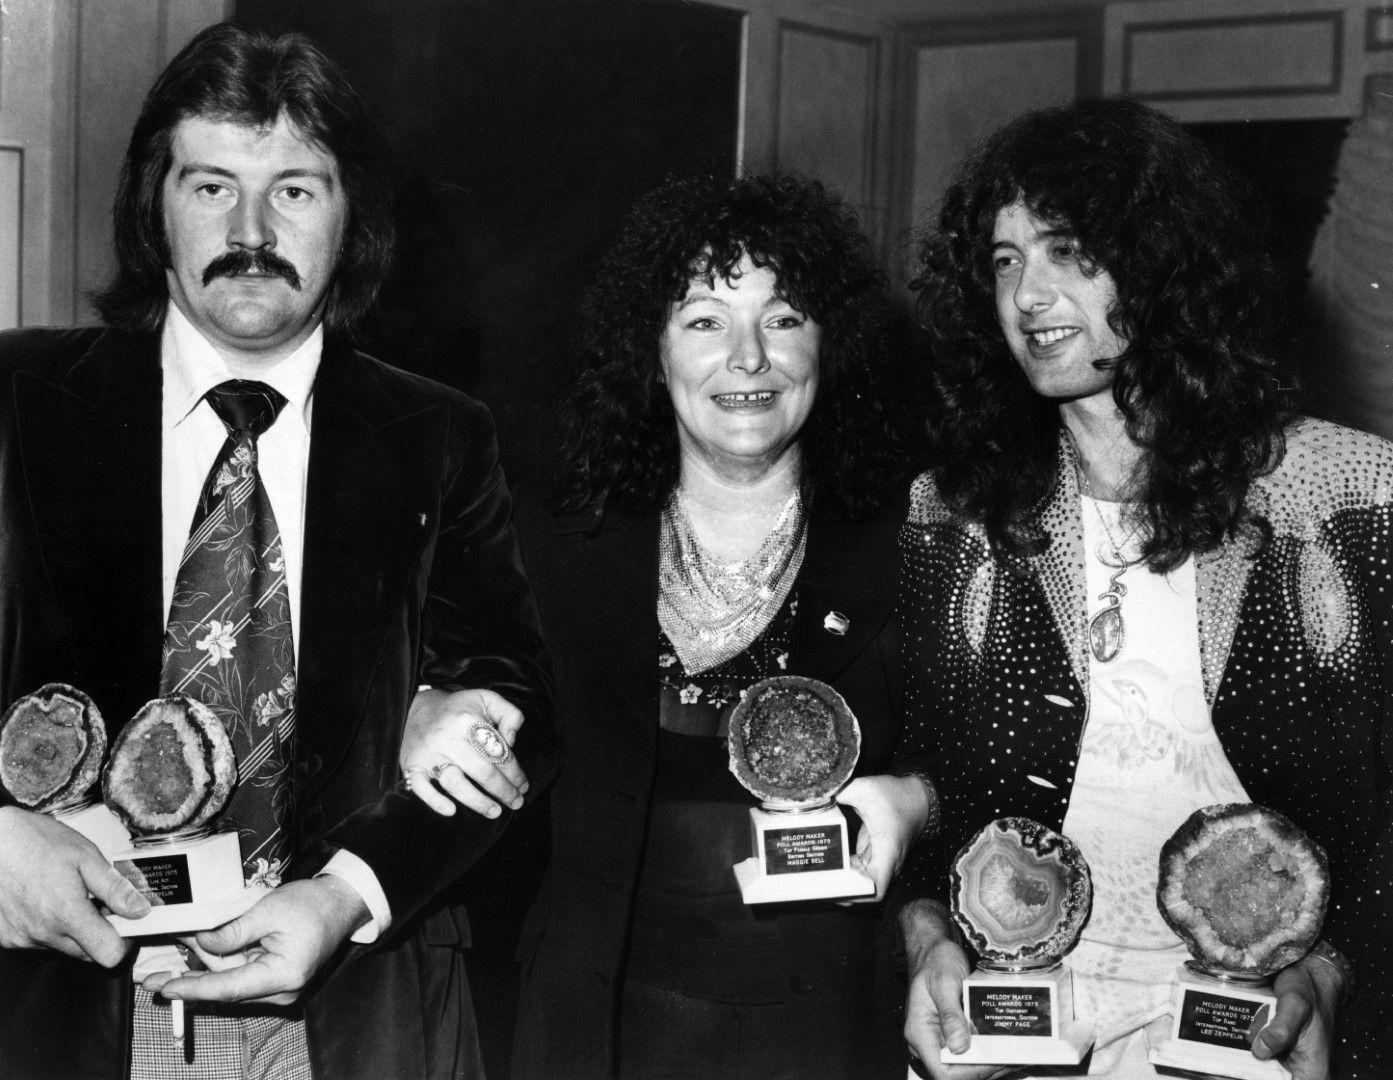 17 септември, 1975 г.: Тримата победители на Melody Maker readers', държащи своите награди в ръце: Джон Бонъм, Маги Бел и Джими Пейдж.